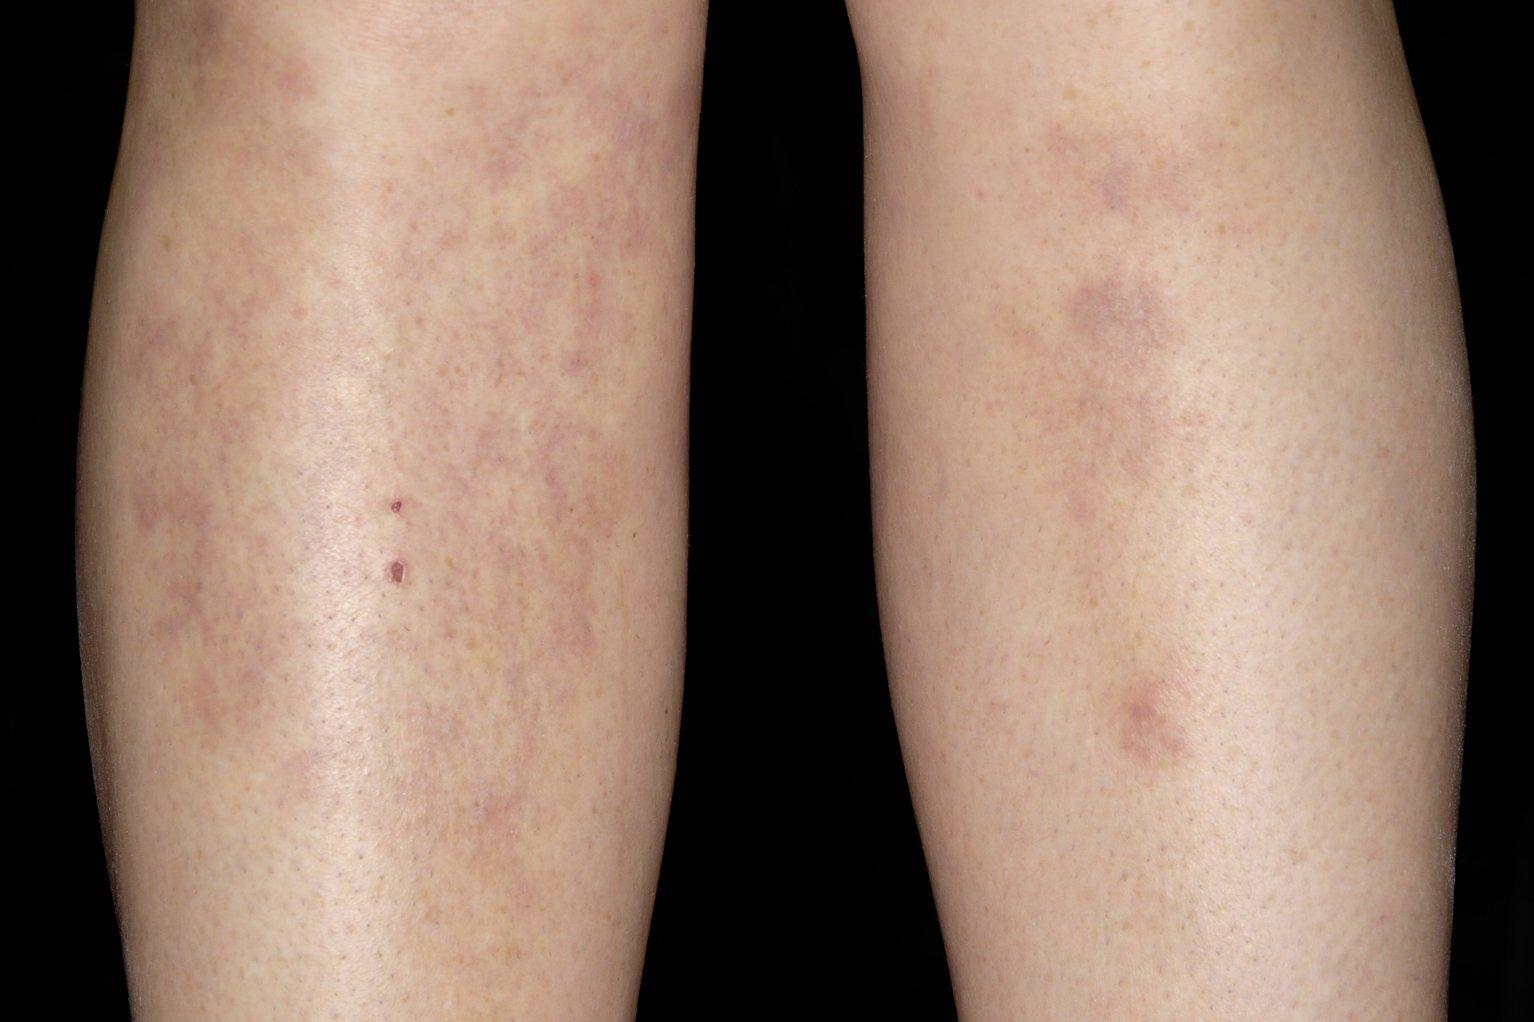 Узловатая эритема на ногах: лечение и профилактика